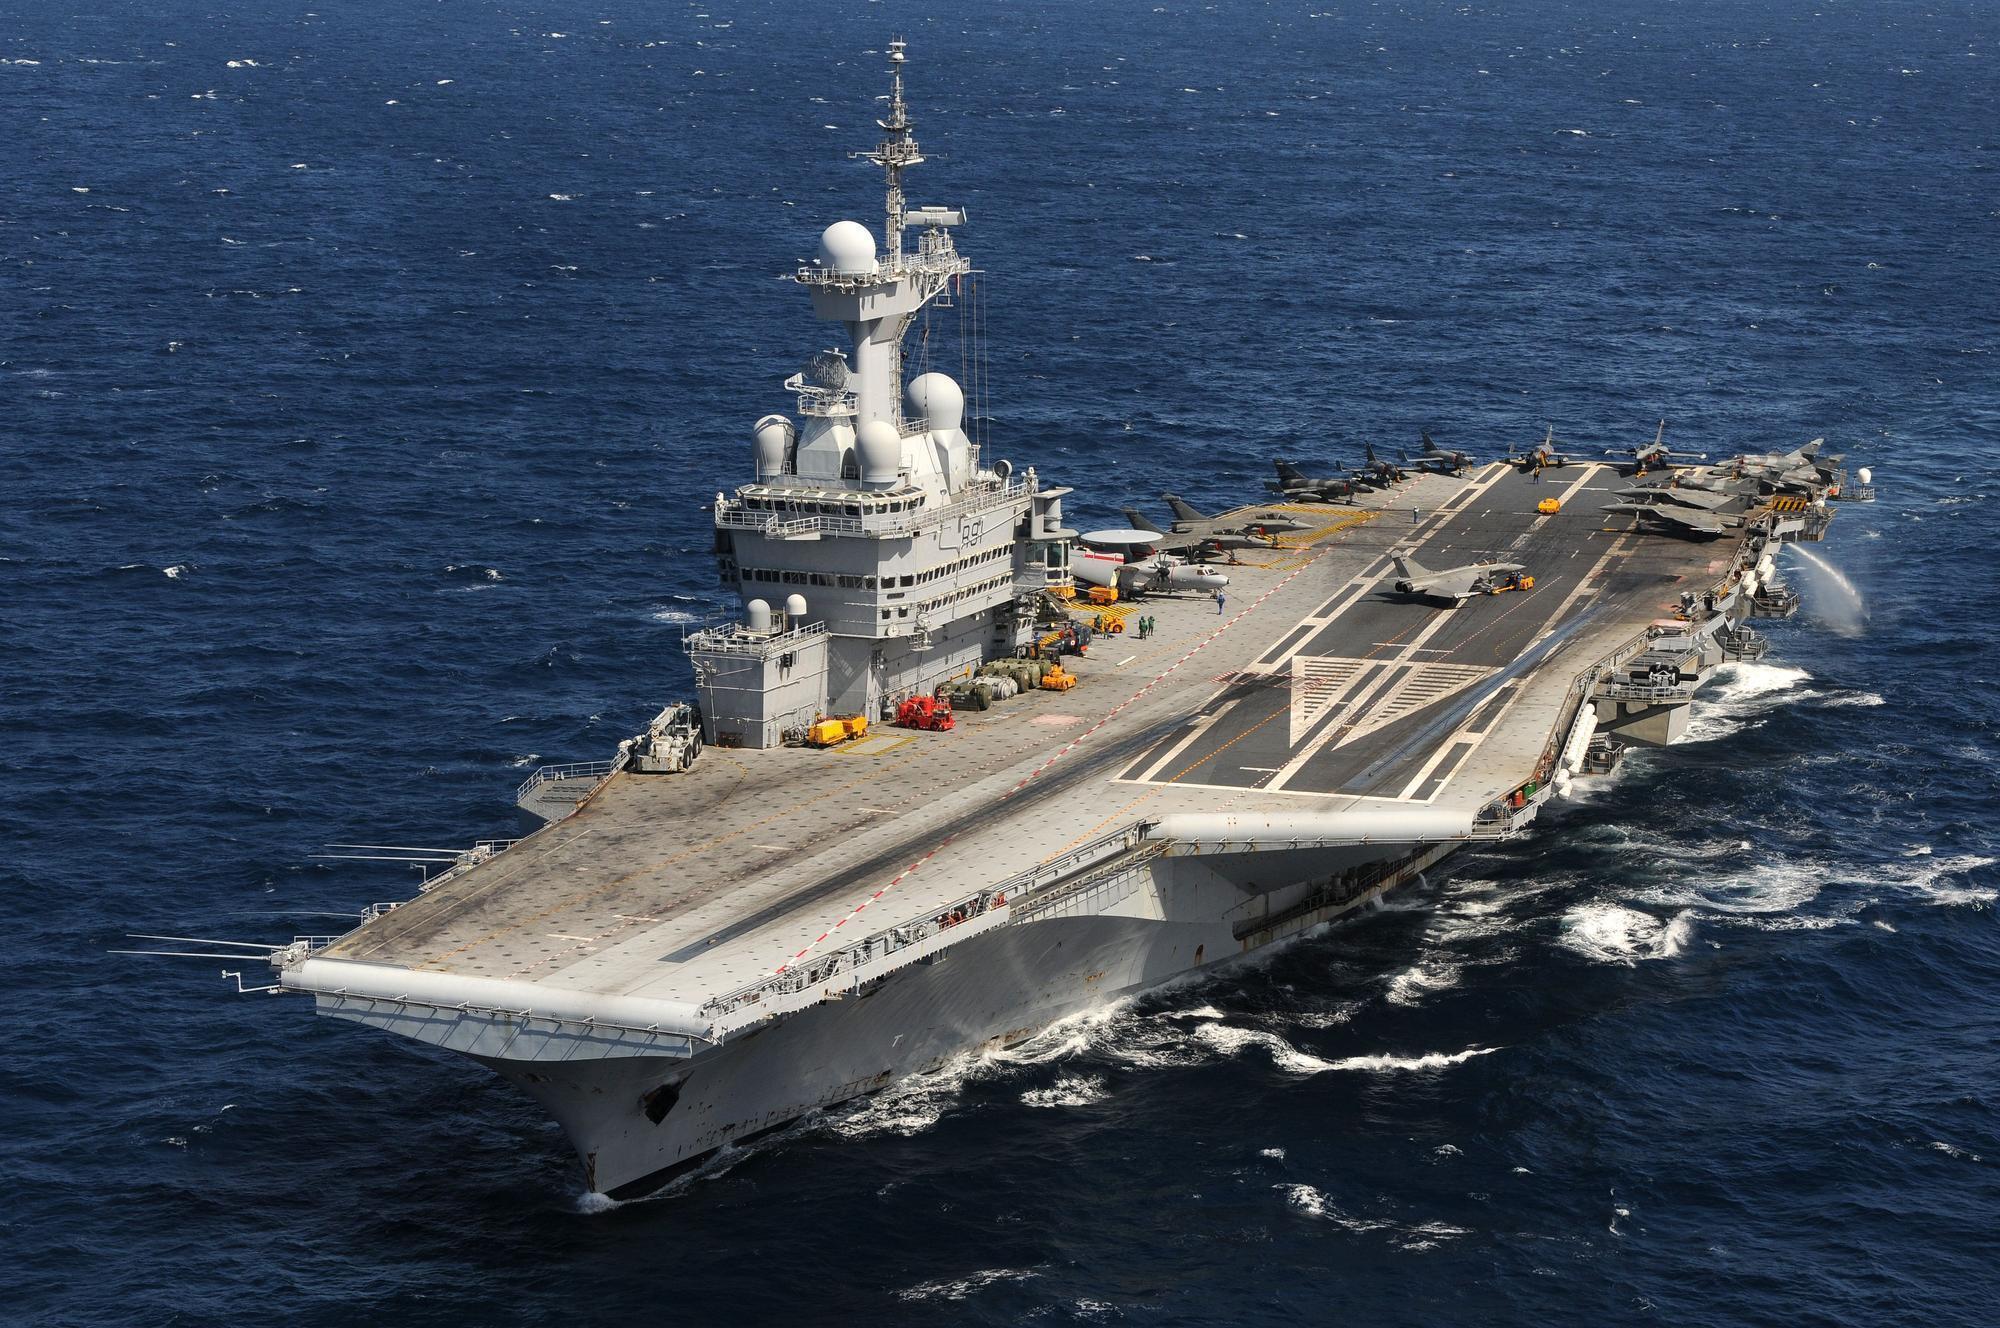 Hàng không mẫu hạm Pháp Charles de Gaulle.